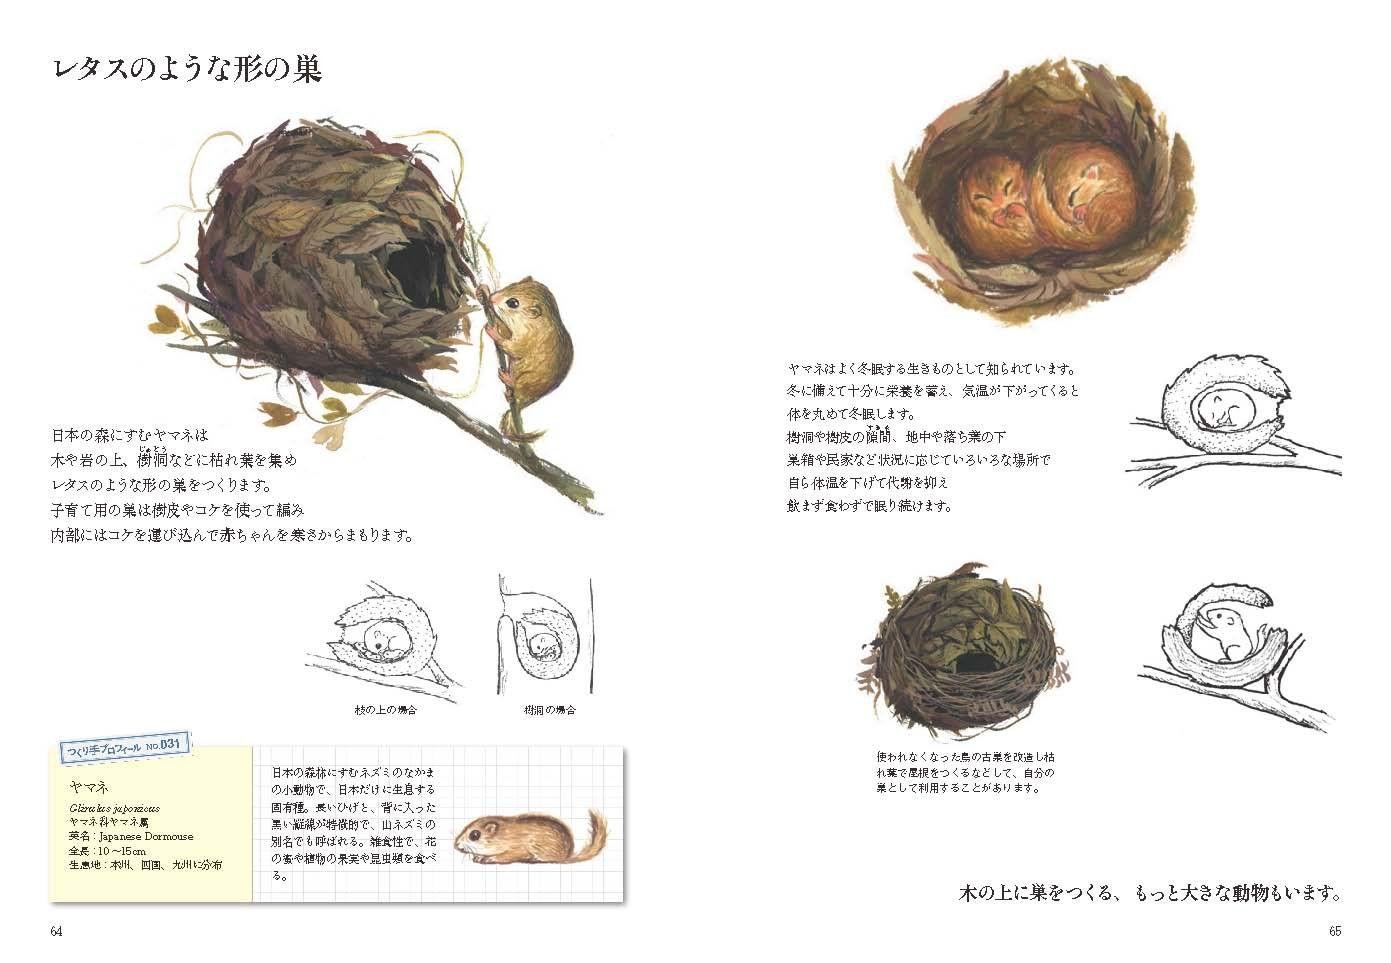 생물들의 건축 둥지 109 | 스즈키 마모루 | 책 | Amazon.co.jp